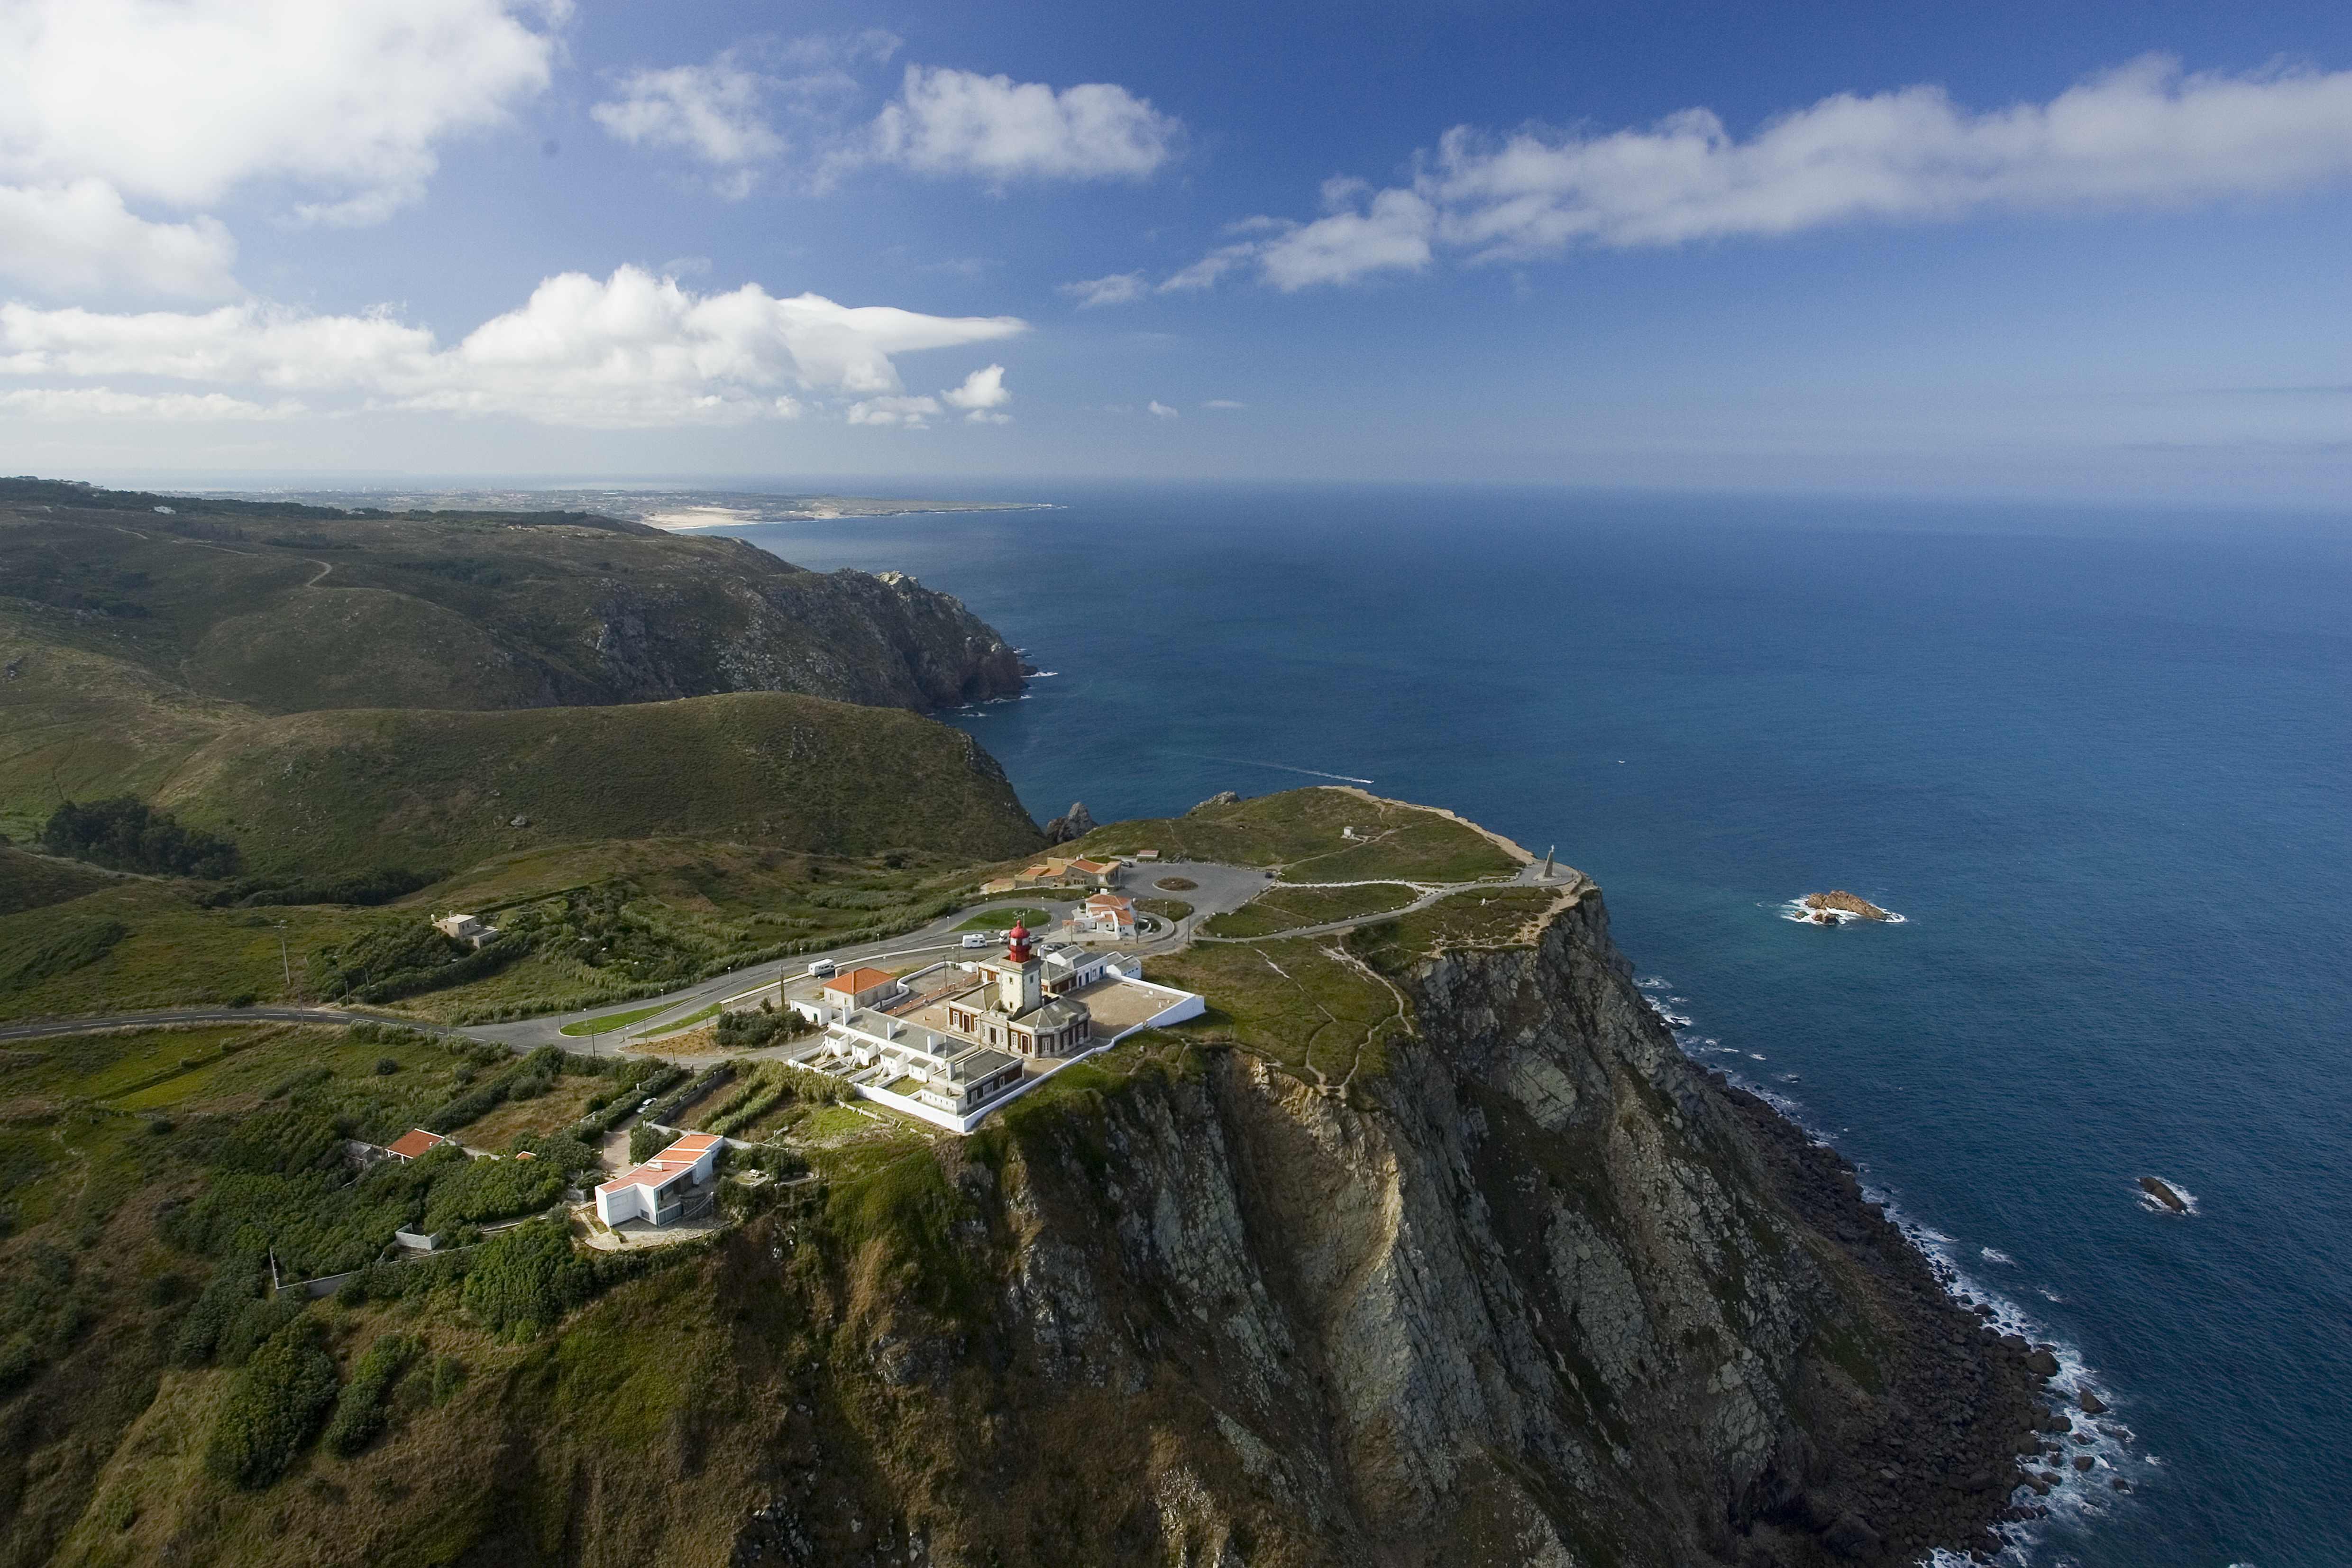 2012-11-16-Cabo_da_roca.jpg